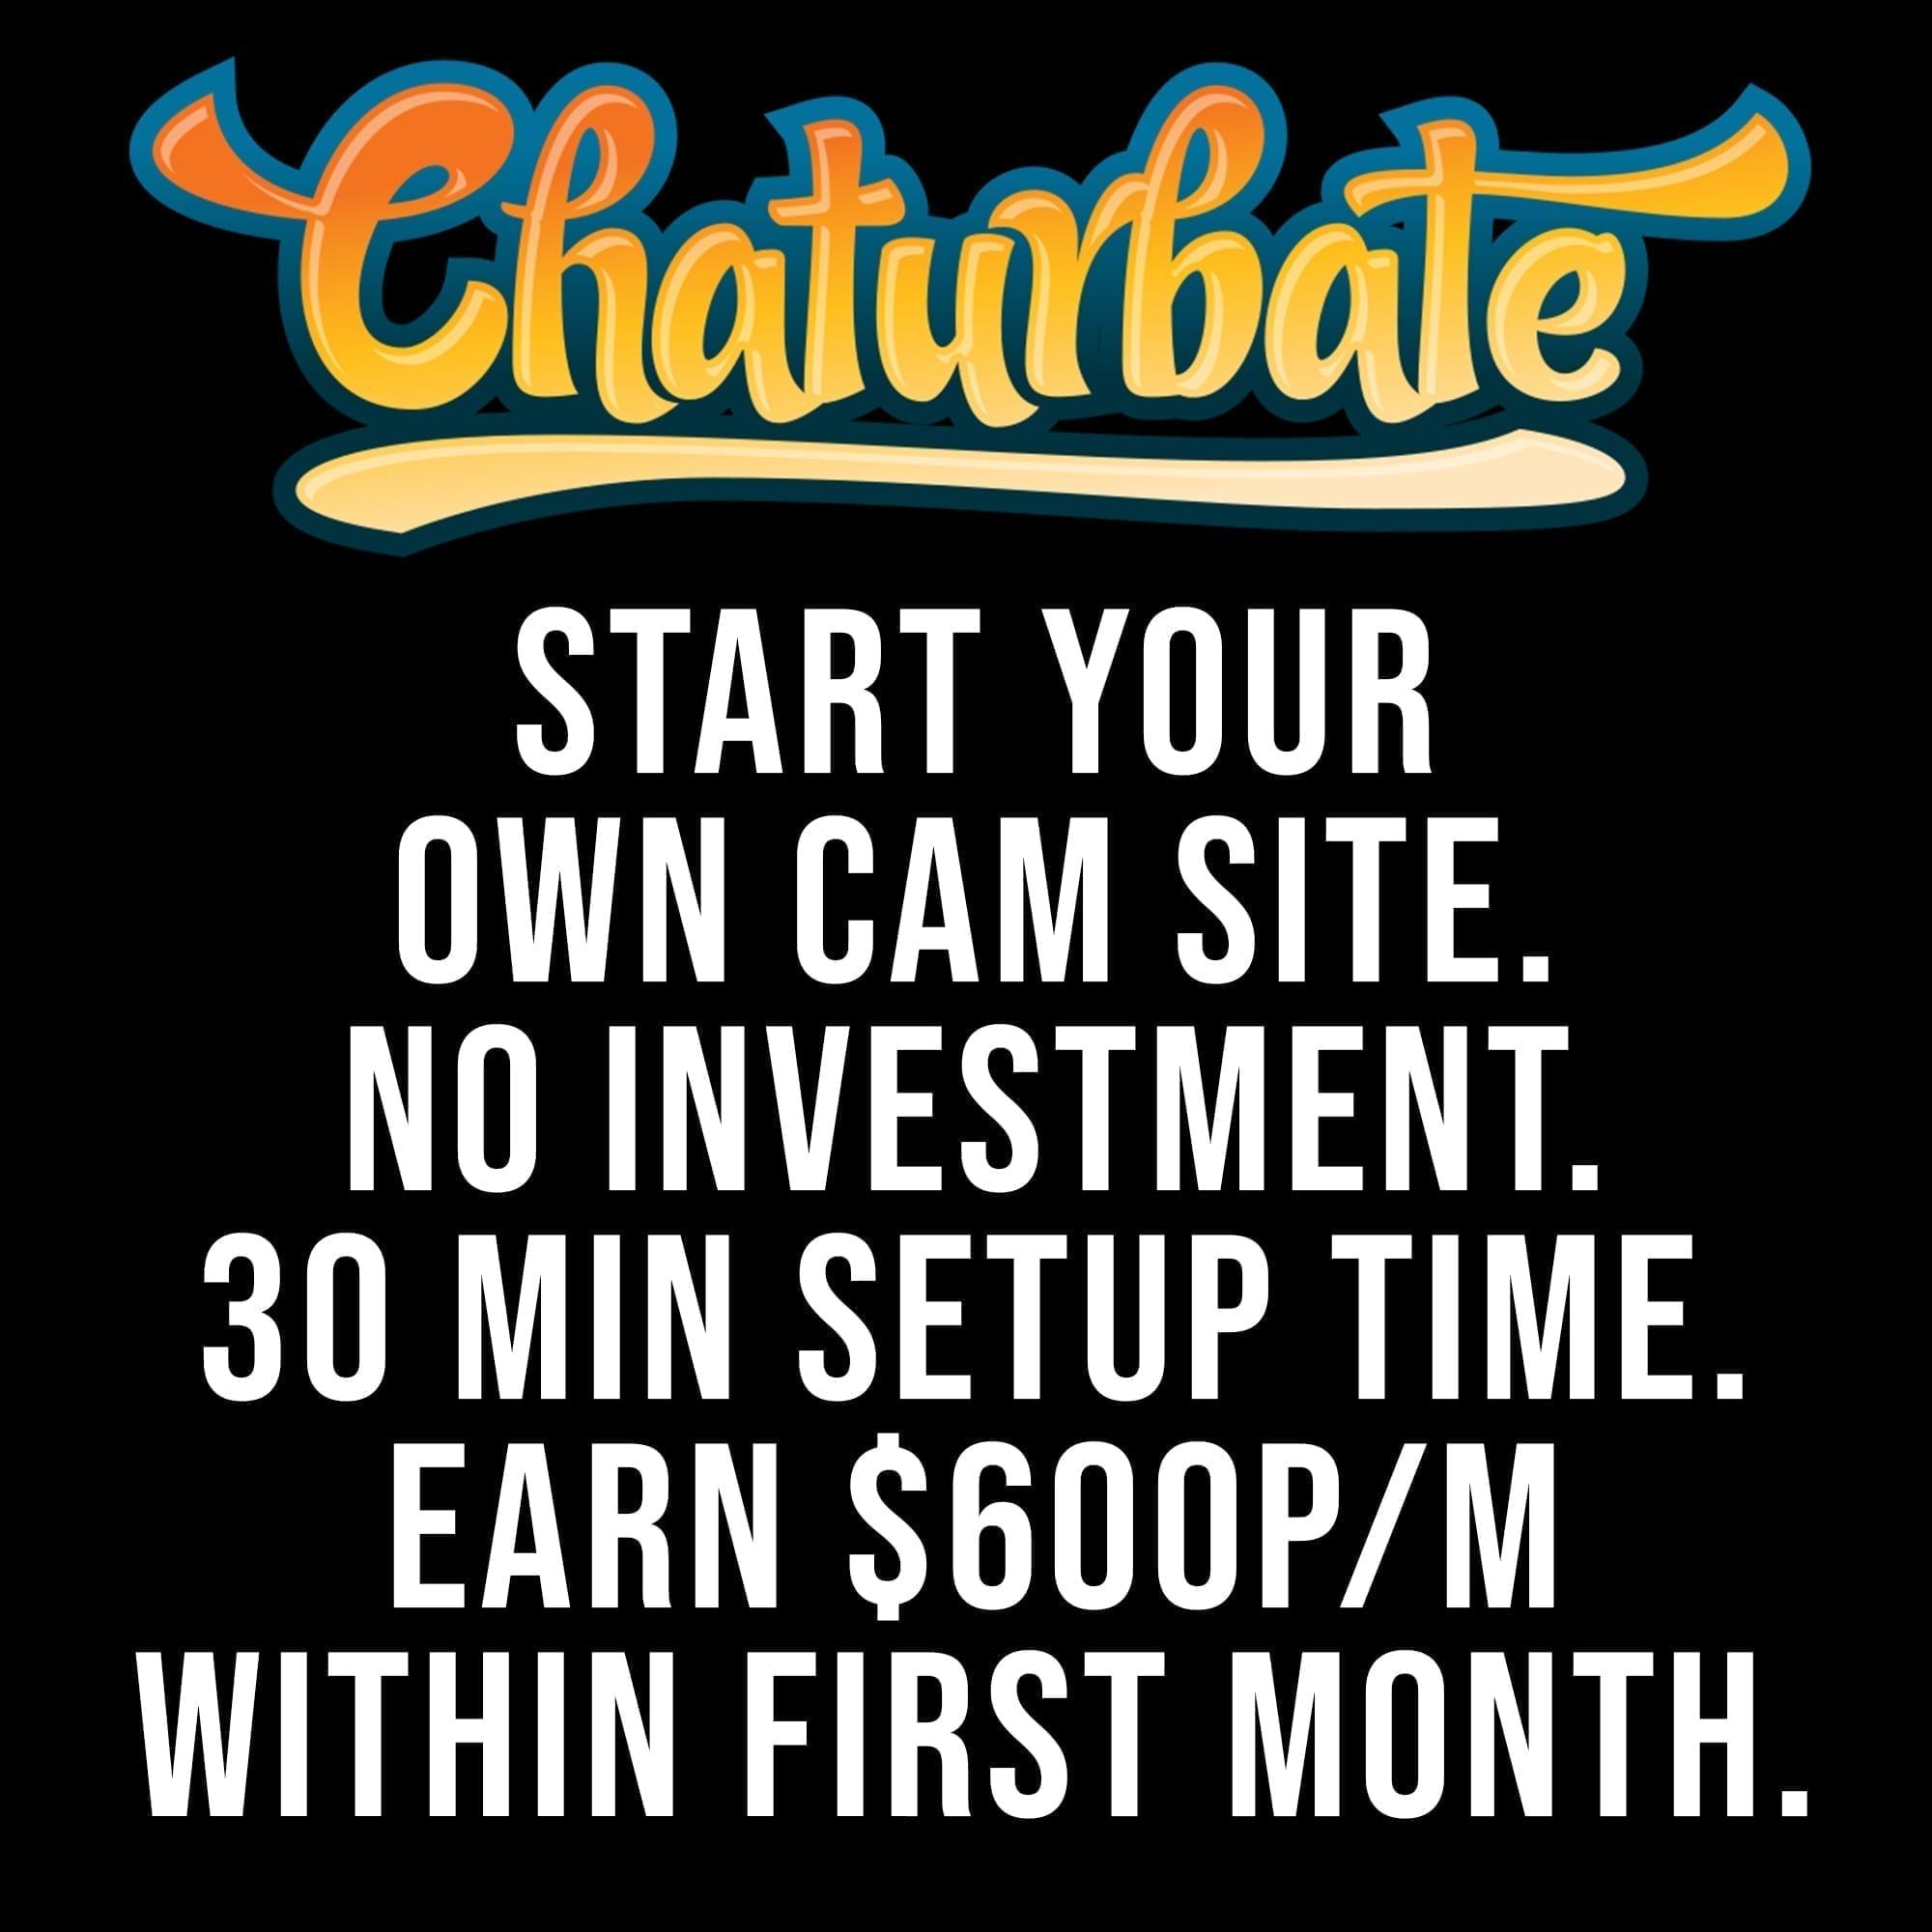 chaturbate_affiliate